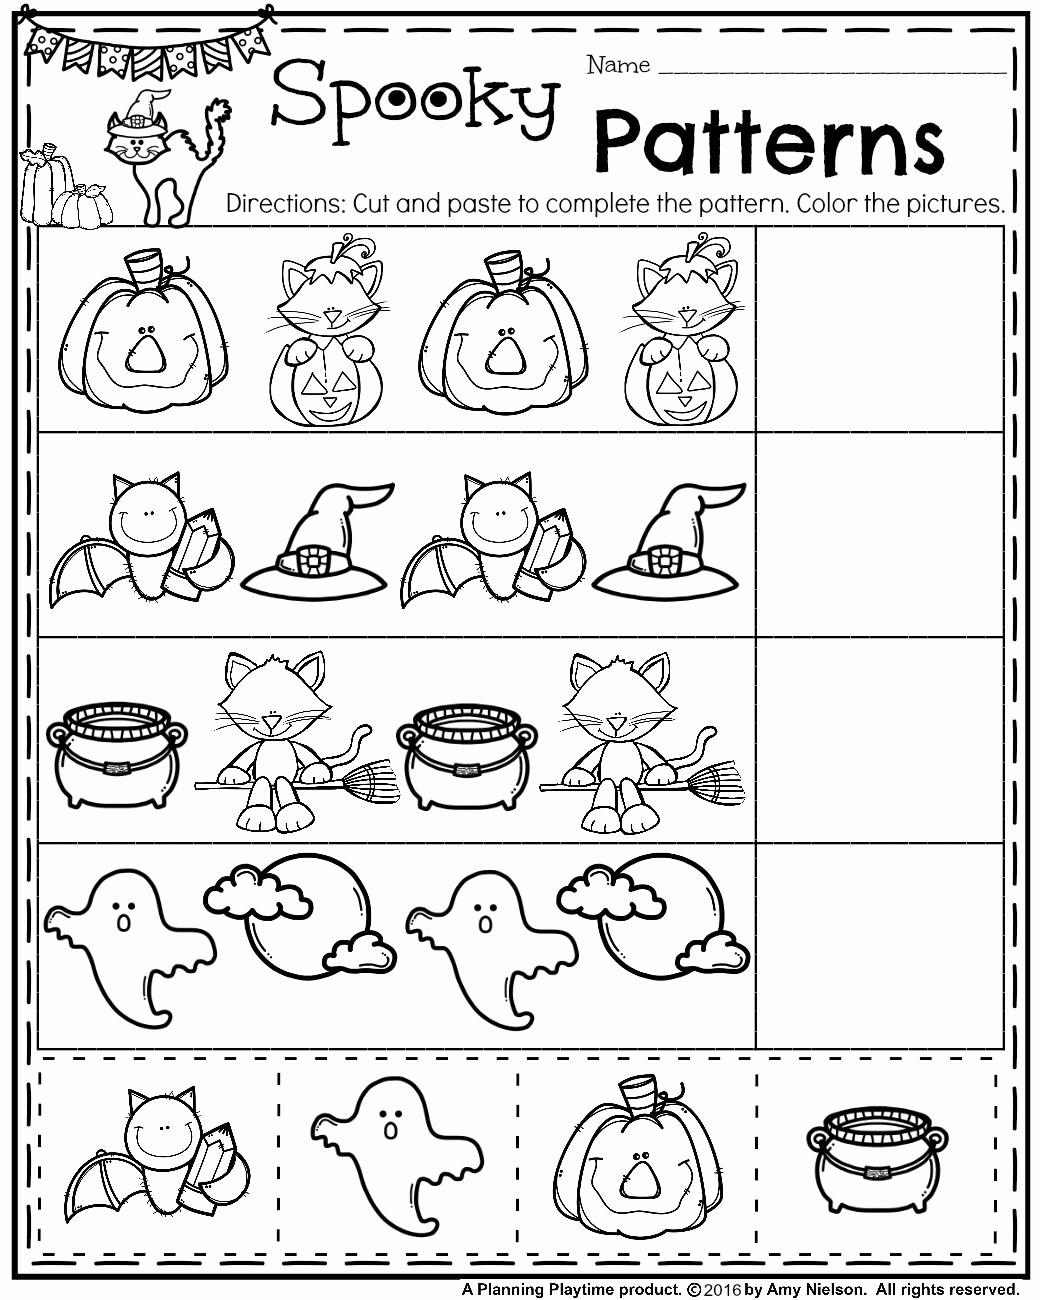 Preschool Halloween Worksheets Free Luxury Halloween Printable Worksheets for Preschoolers Coloring